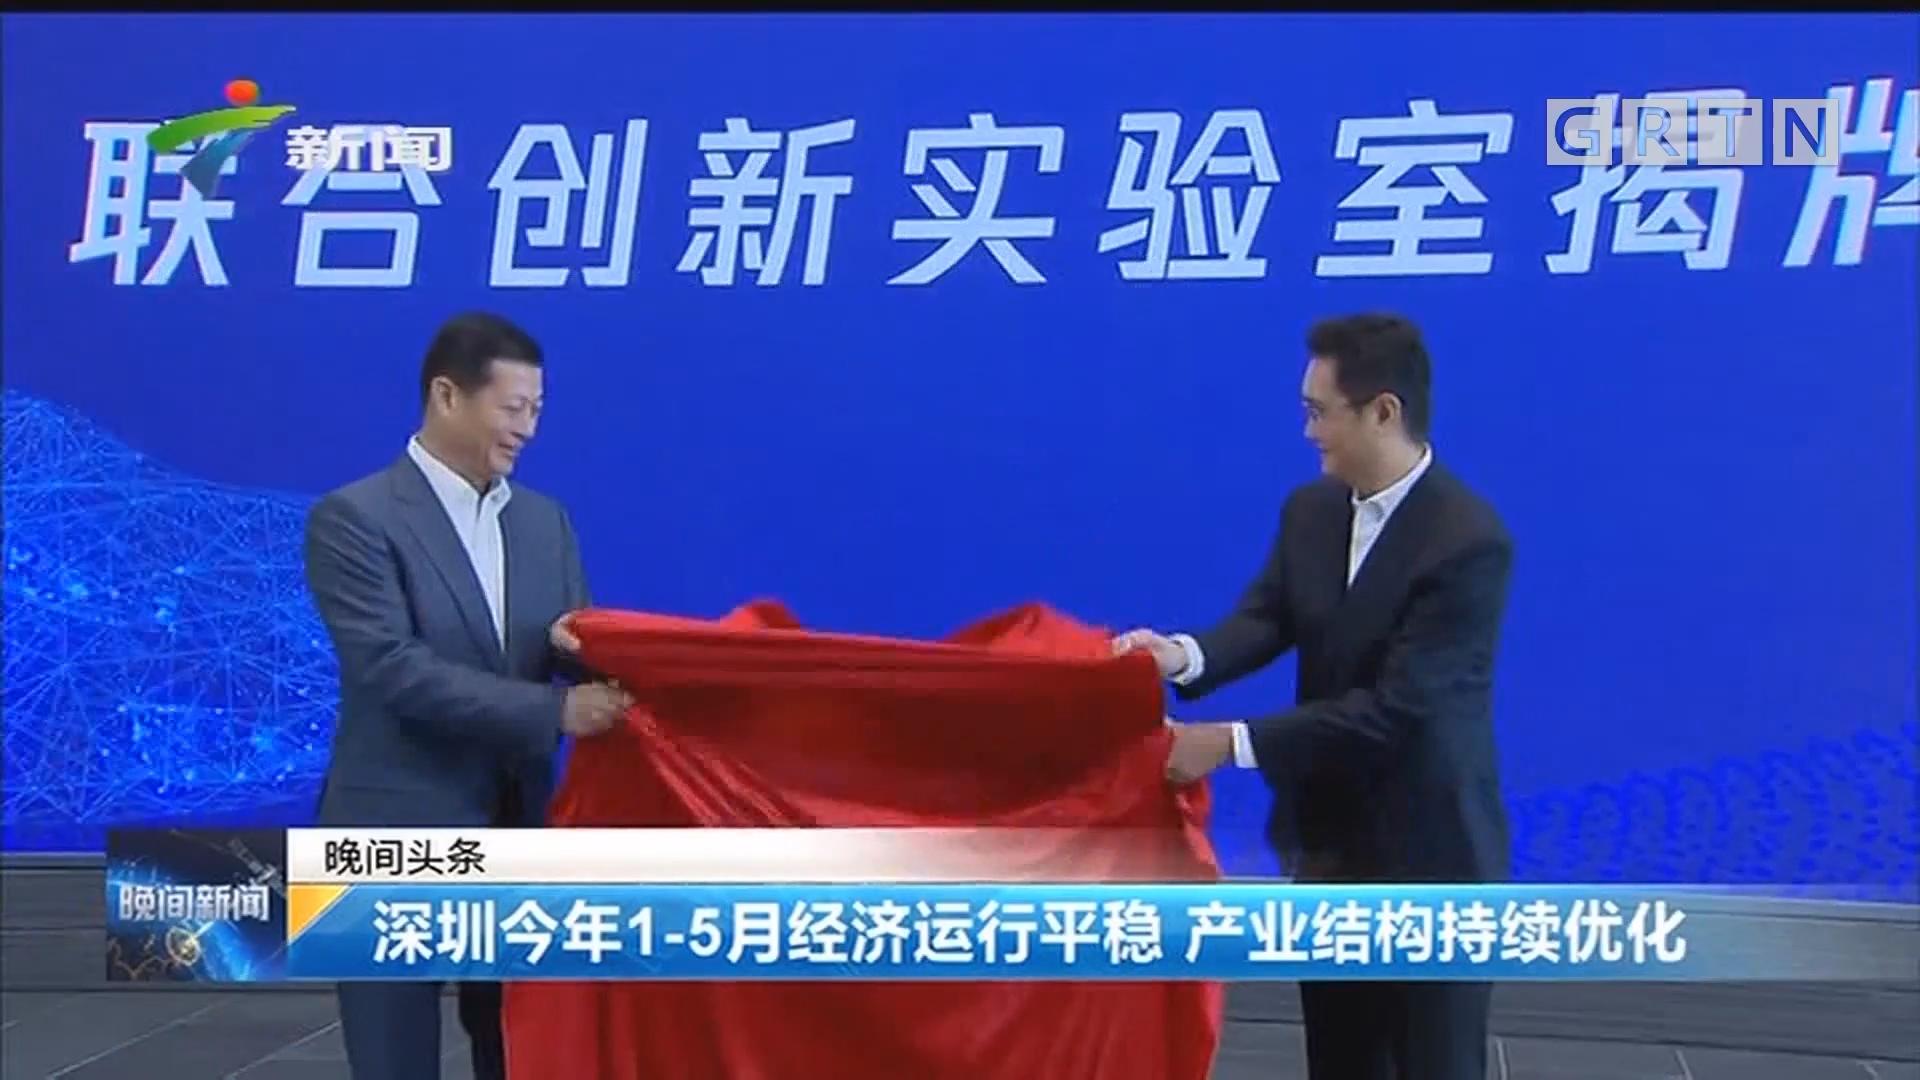 深圳今年1-5月经济运行平稳 产业结构持续优化